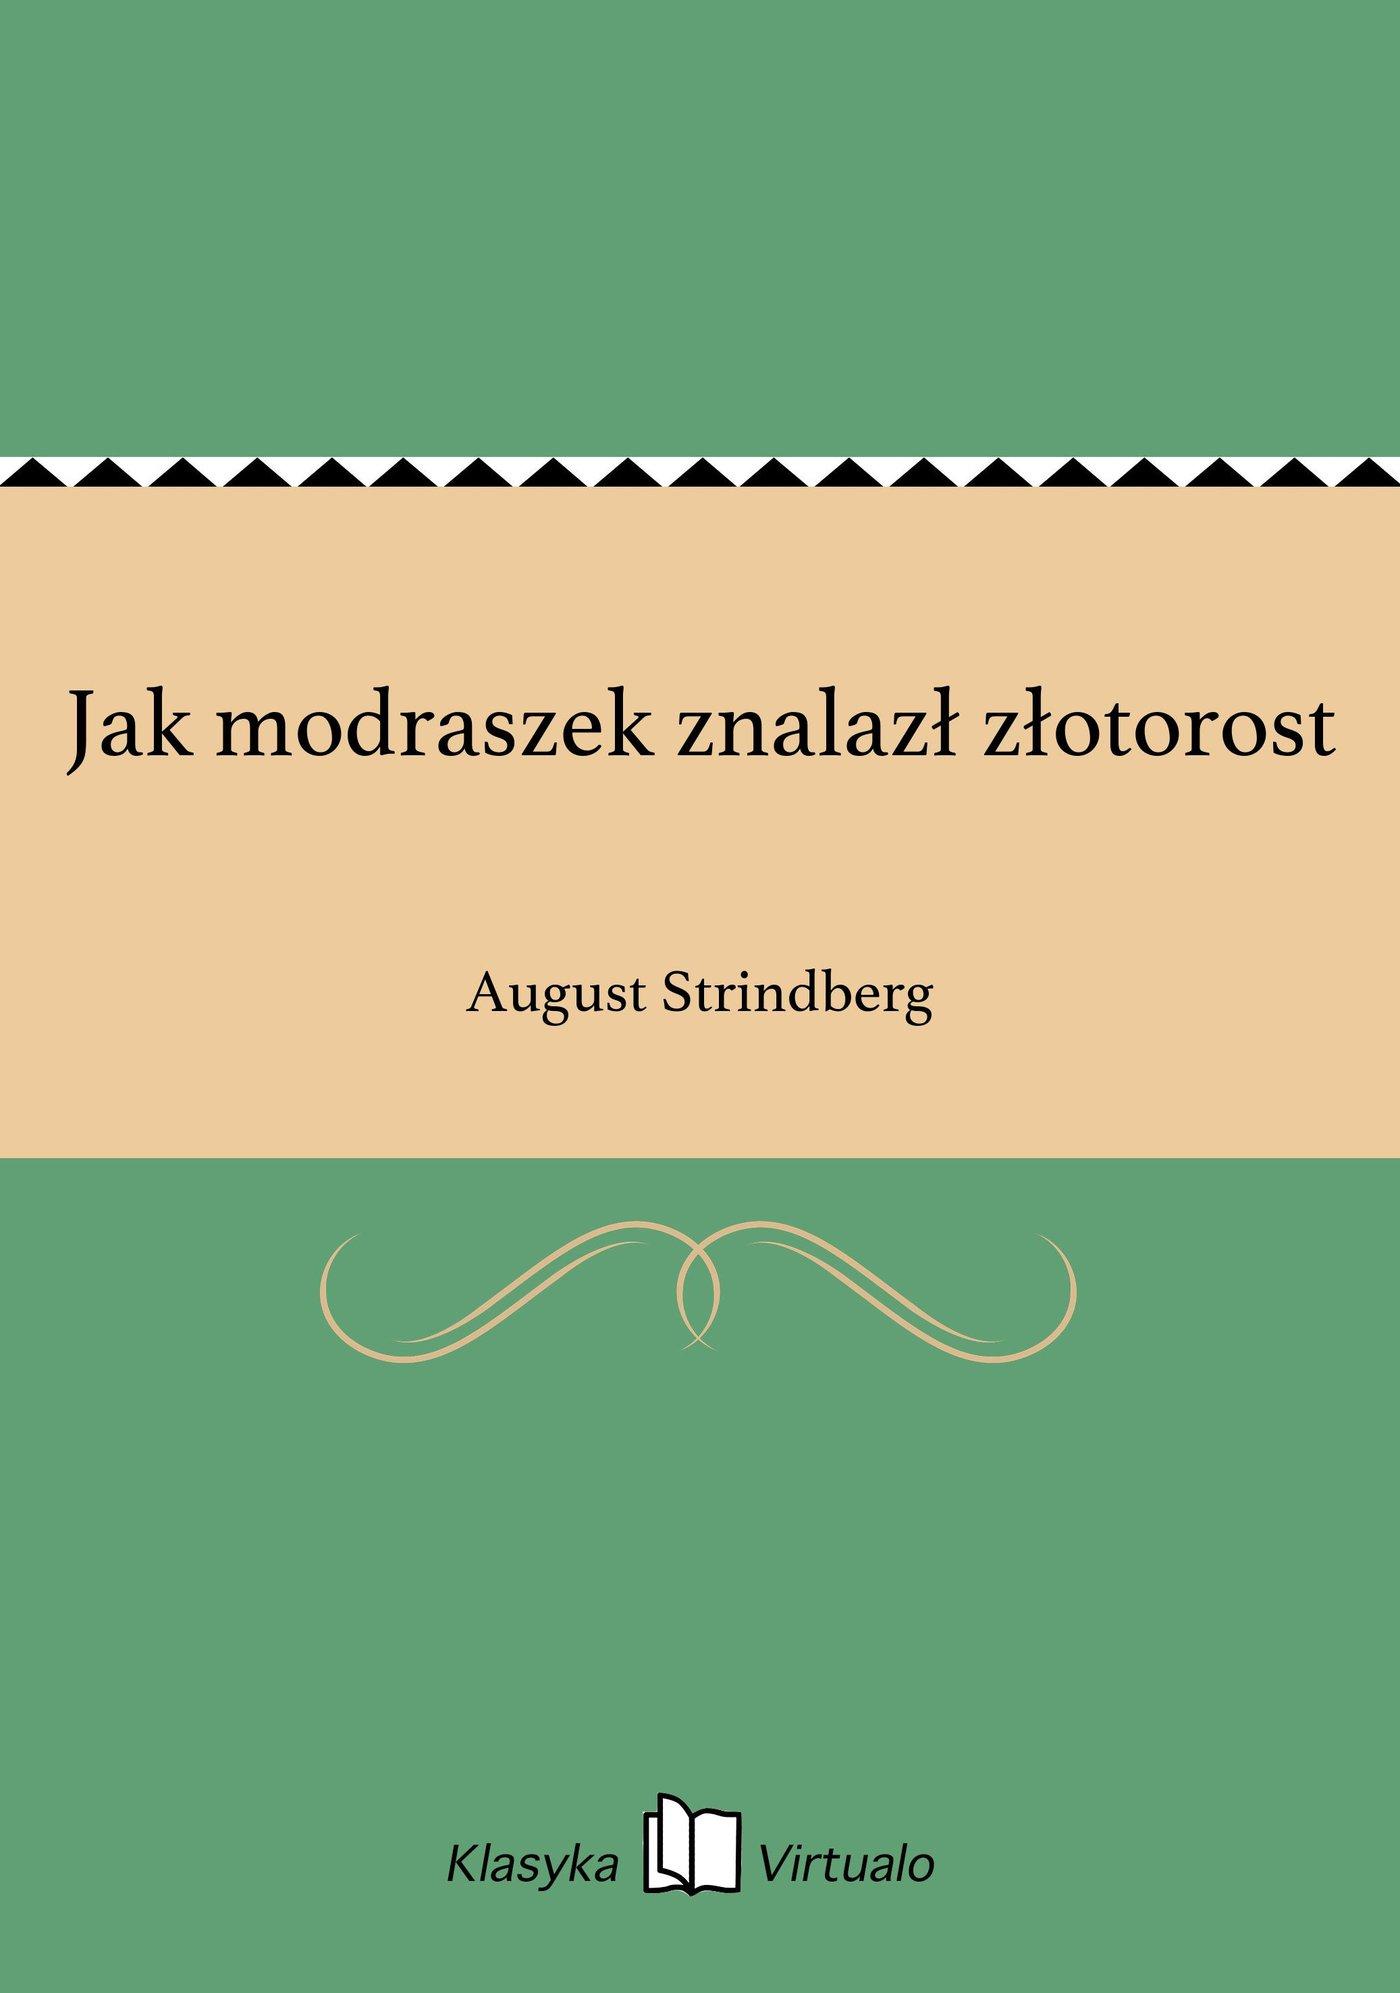 Jak modraszek znalazł złotorost - Ebook (Książka na Kindle) do pobrania w formacie MOBI